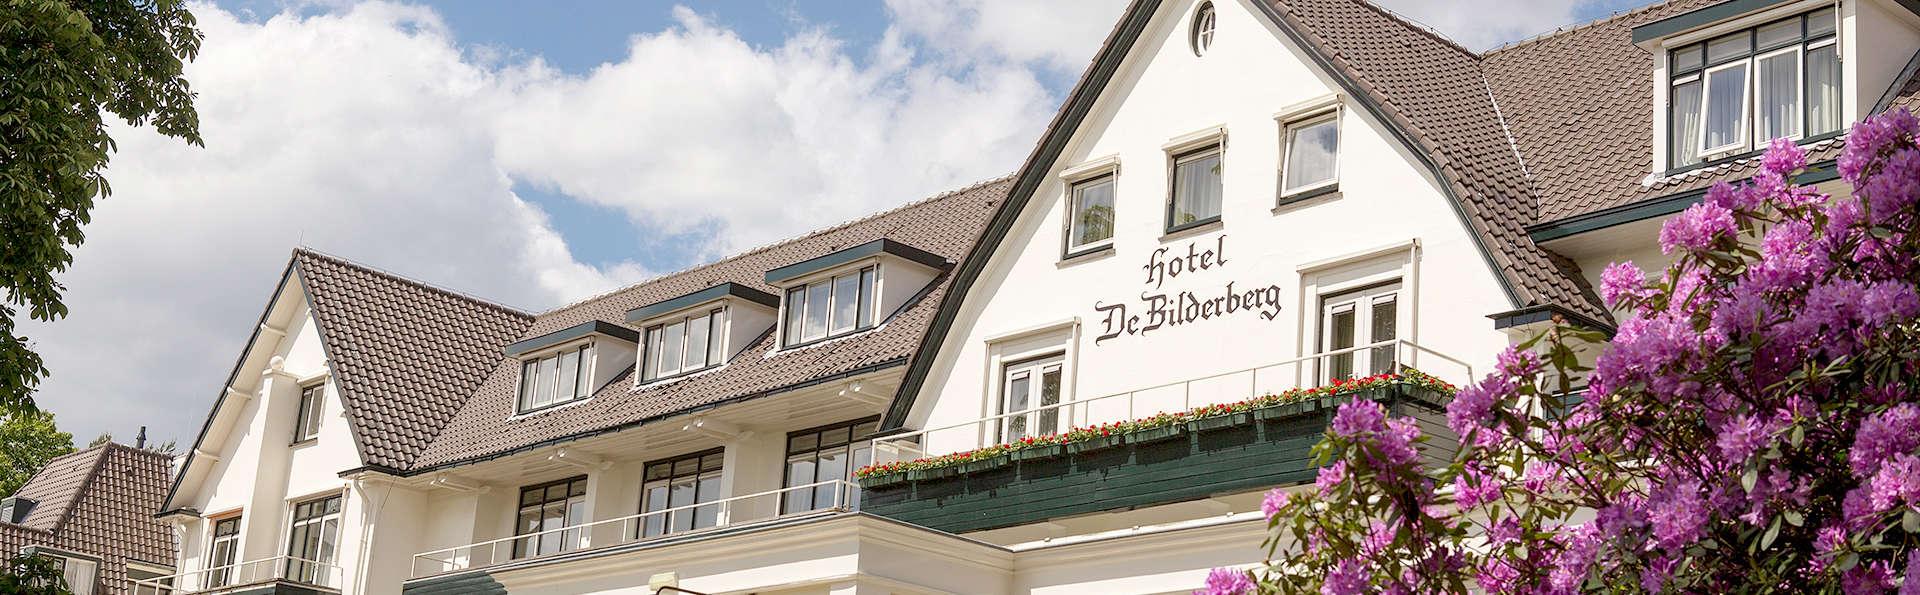 Hotel De Bilderberg - Edit_Front3.jpg